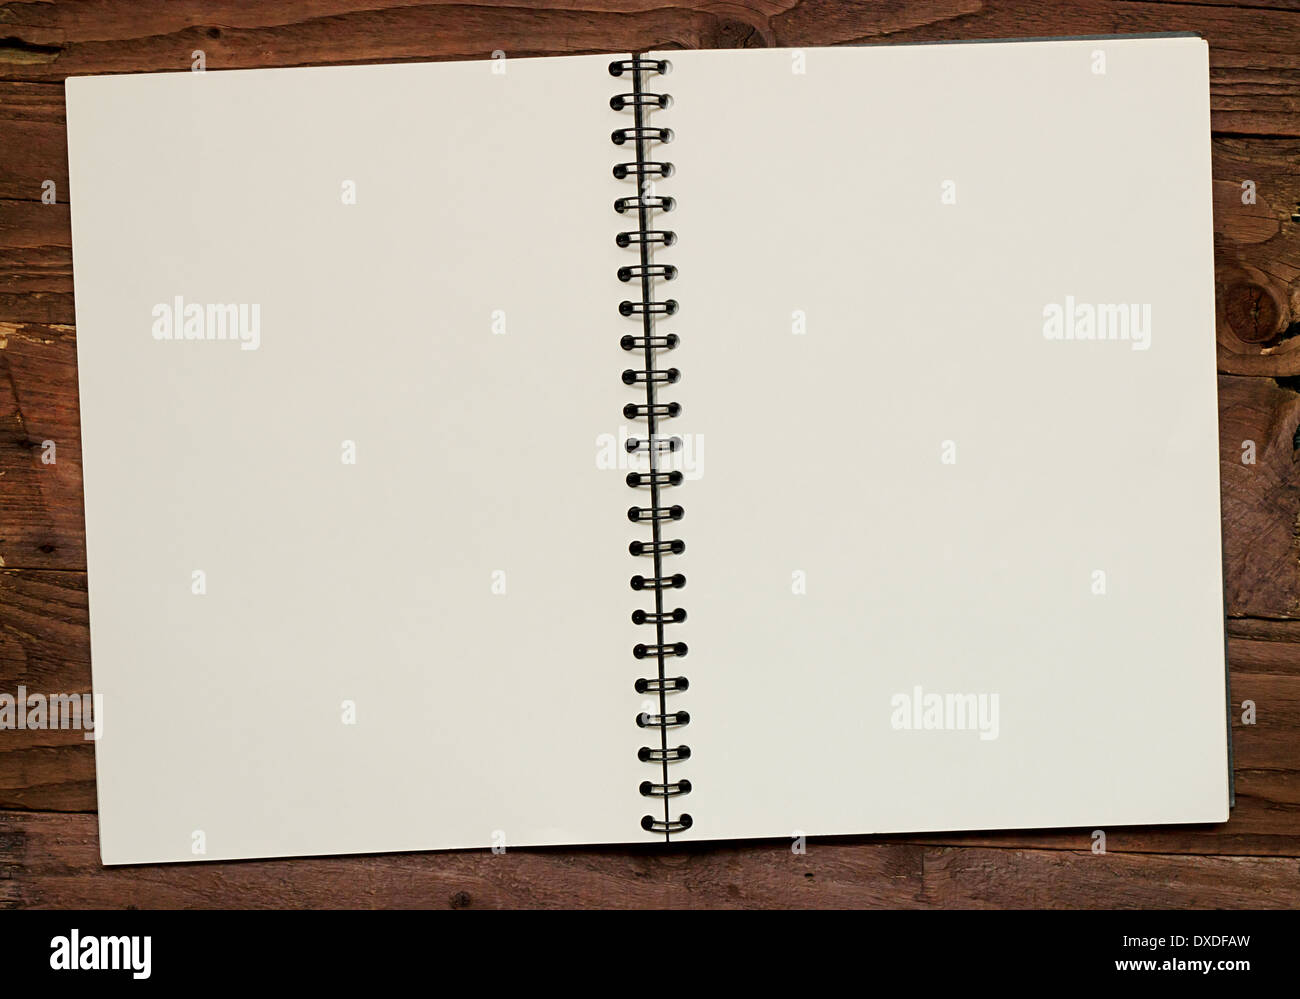 Reliés à l'aide d'une propagation d'album vide Ouvrir pour afficher des pages vierges pour l'insertion de vos propres éléments de conception. Photo Stock